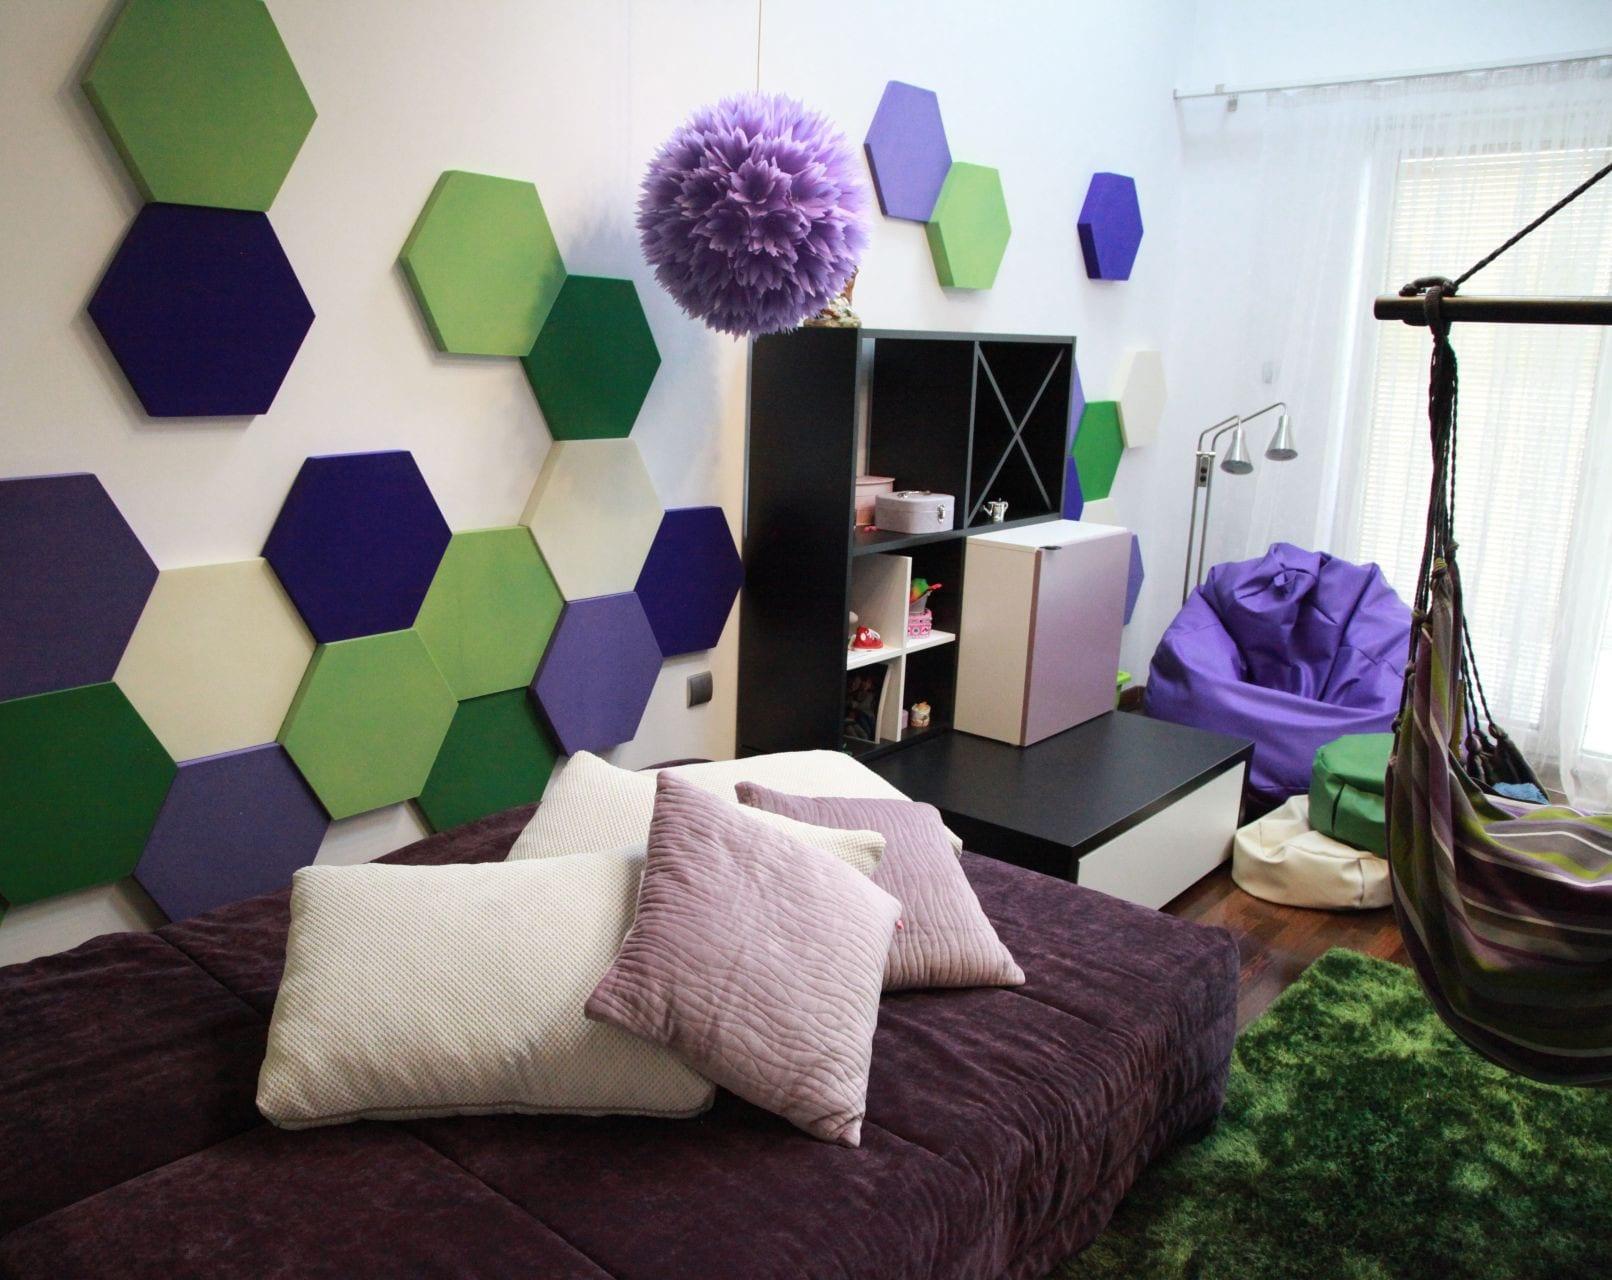 Kreative Wohnideen Für Moderne Wandgestaltung Wohnzimmer Und Farbgestaltung  Wände In Grün Und Lila